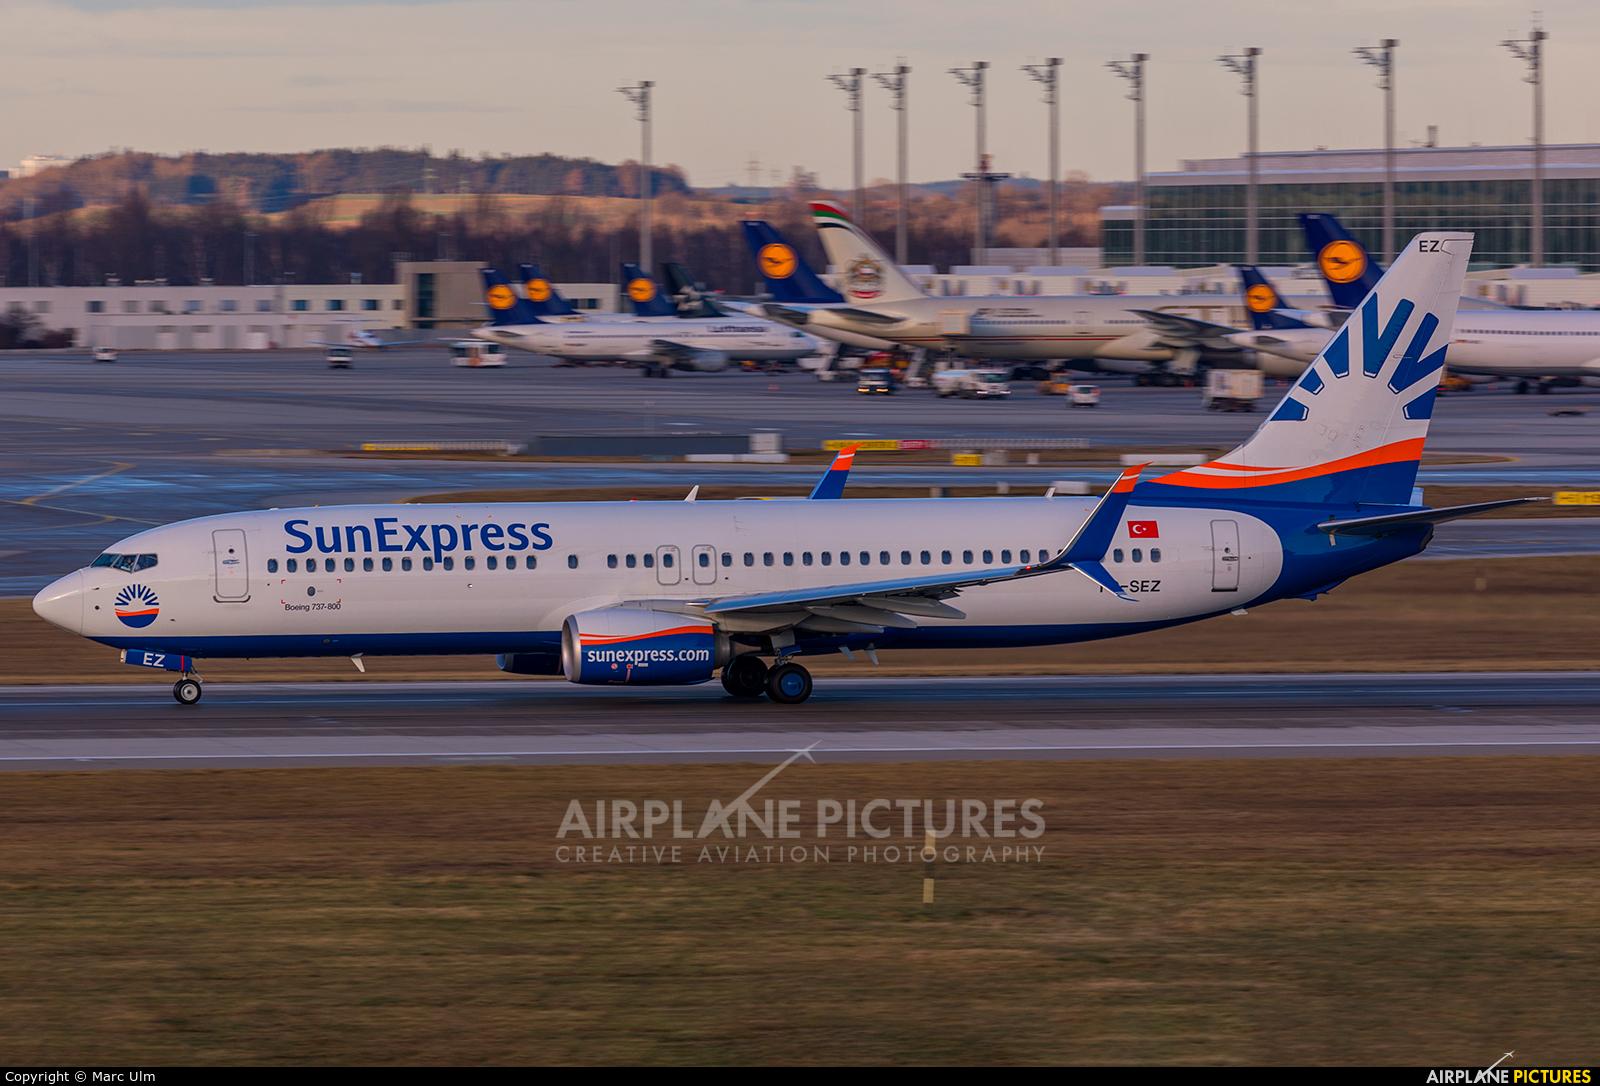 SunExpress TC-SEZ aircraft at Munich